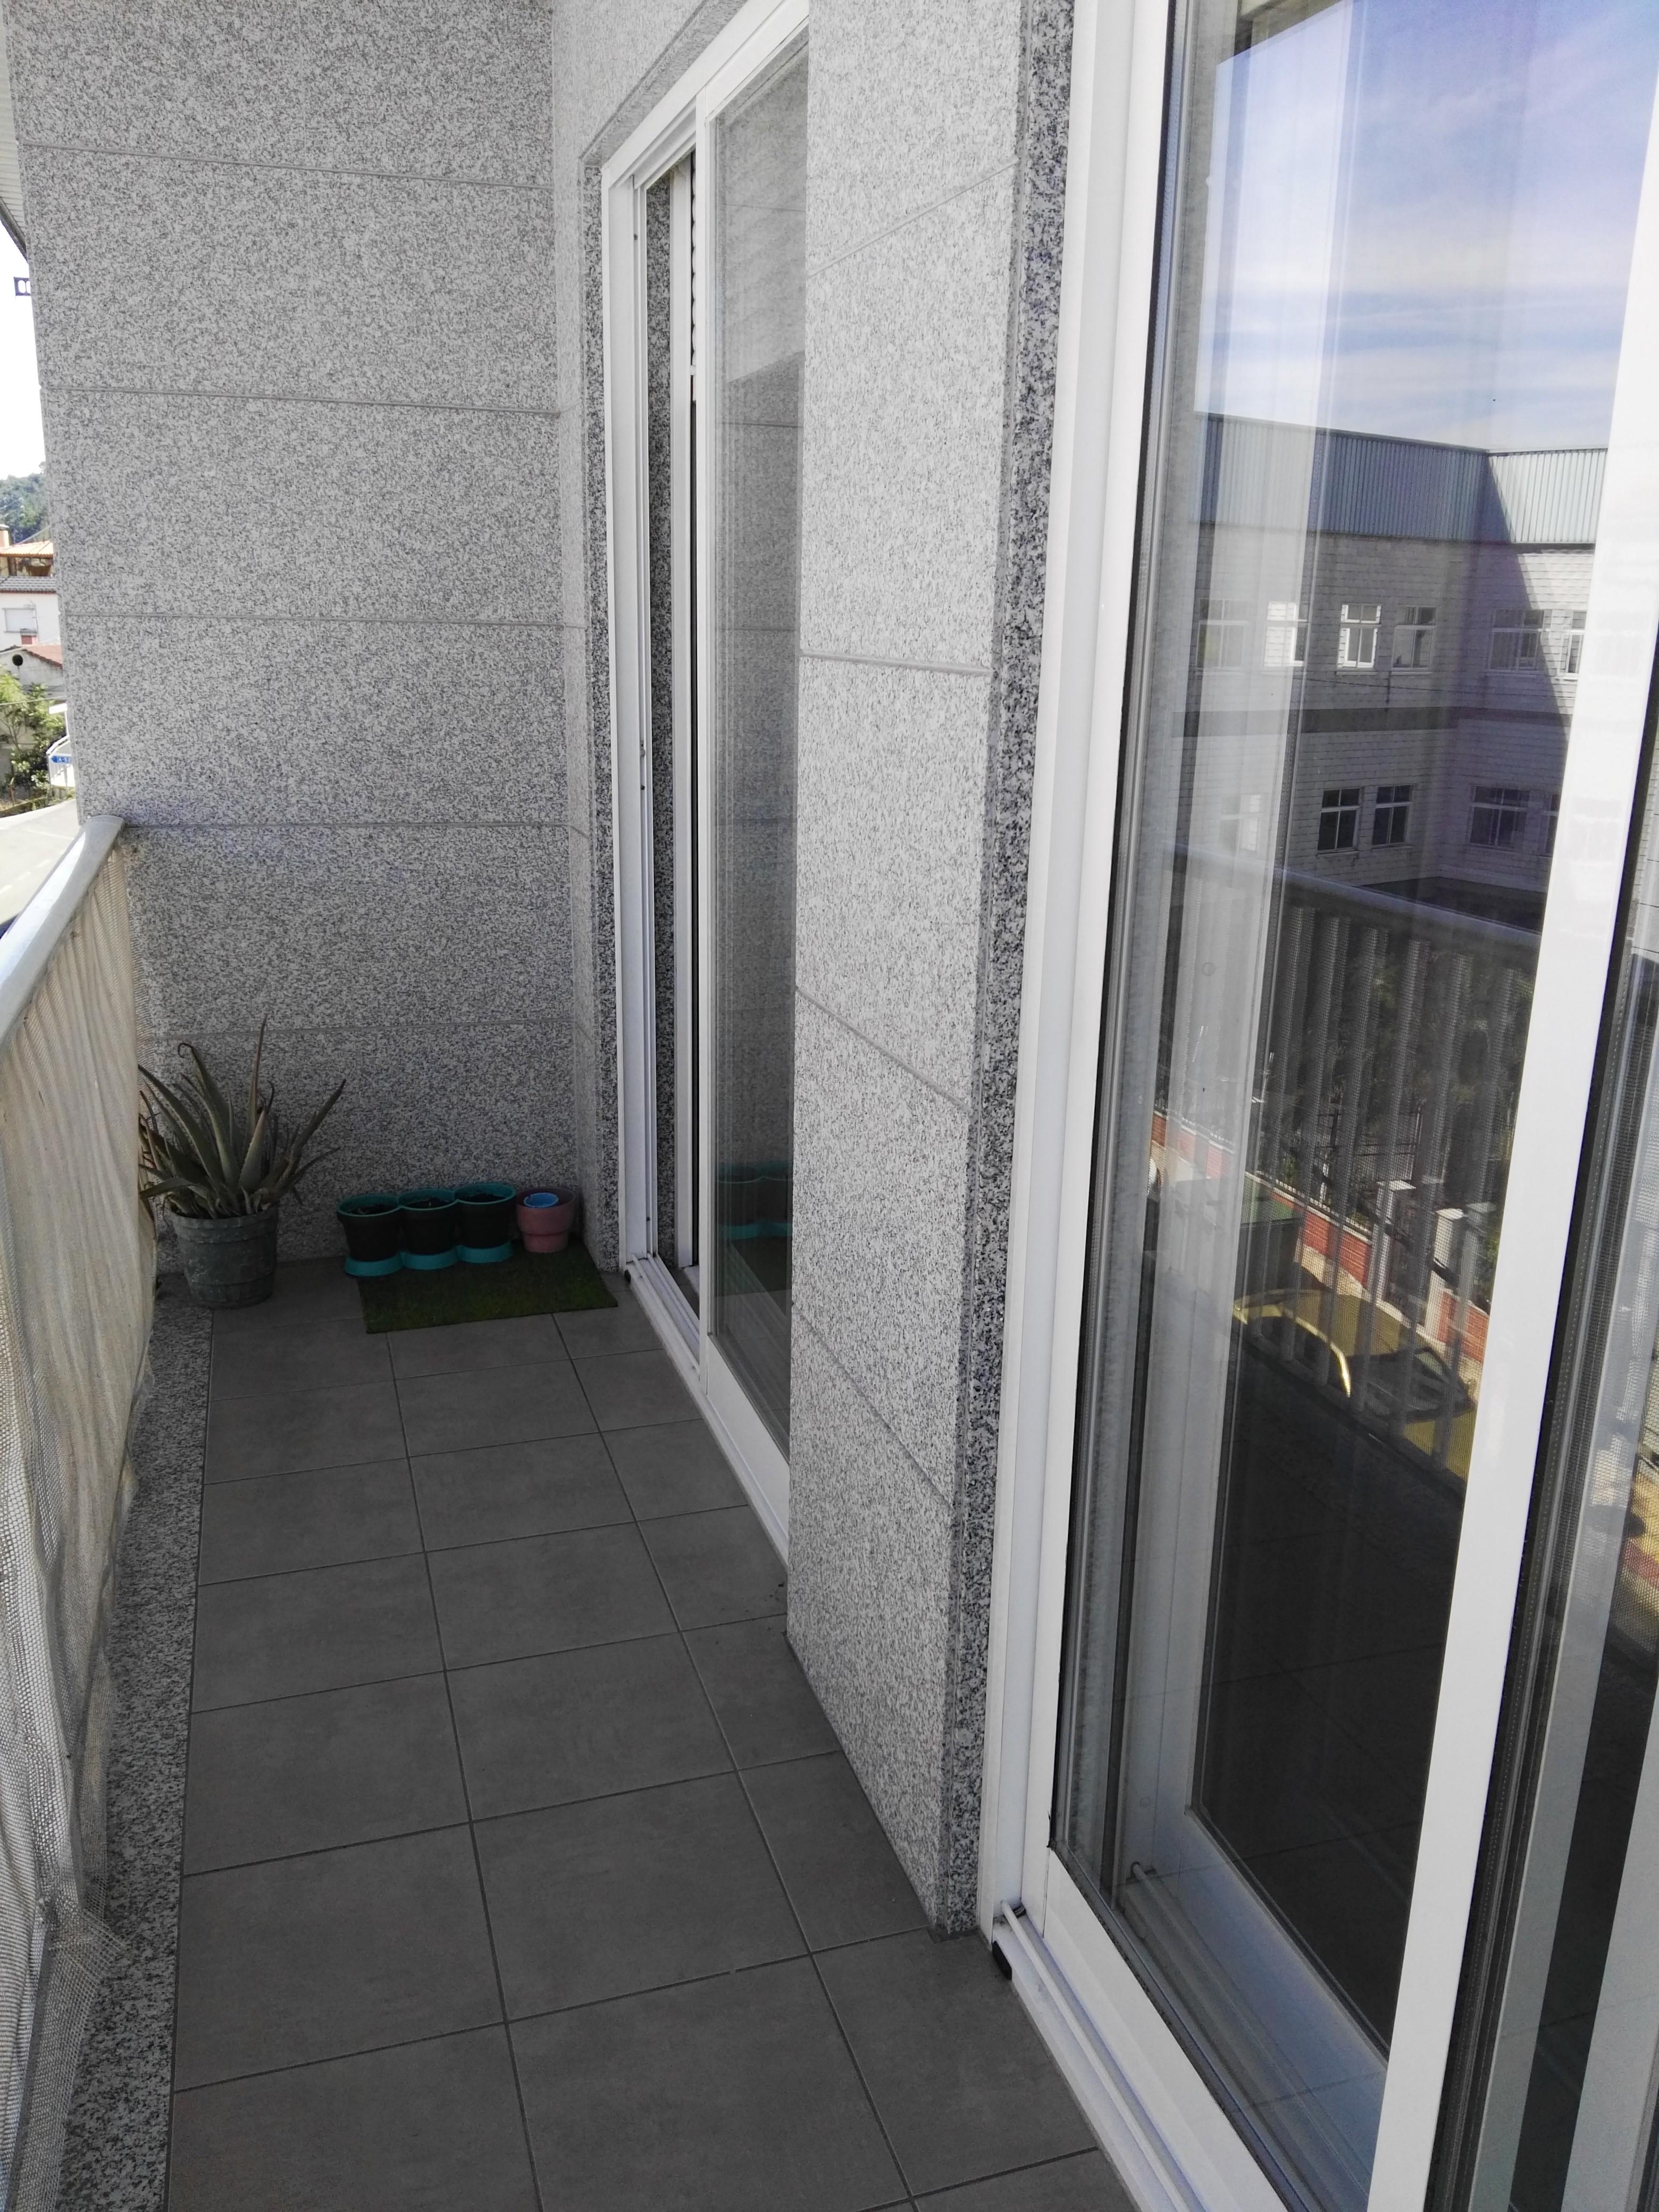 Piso en venta en Reboredo, Ourense, Ourense, Carretera de Celanova (o Piñeiral), 135.000 €, 3 habitaciones, 2 baños, 103 m2